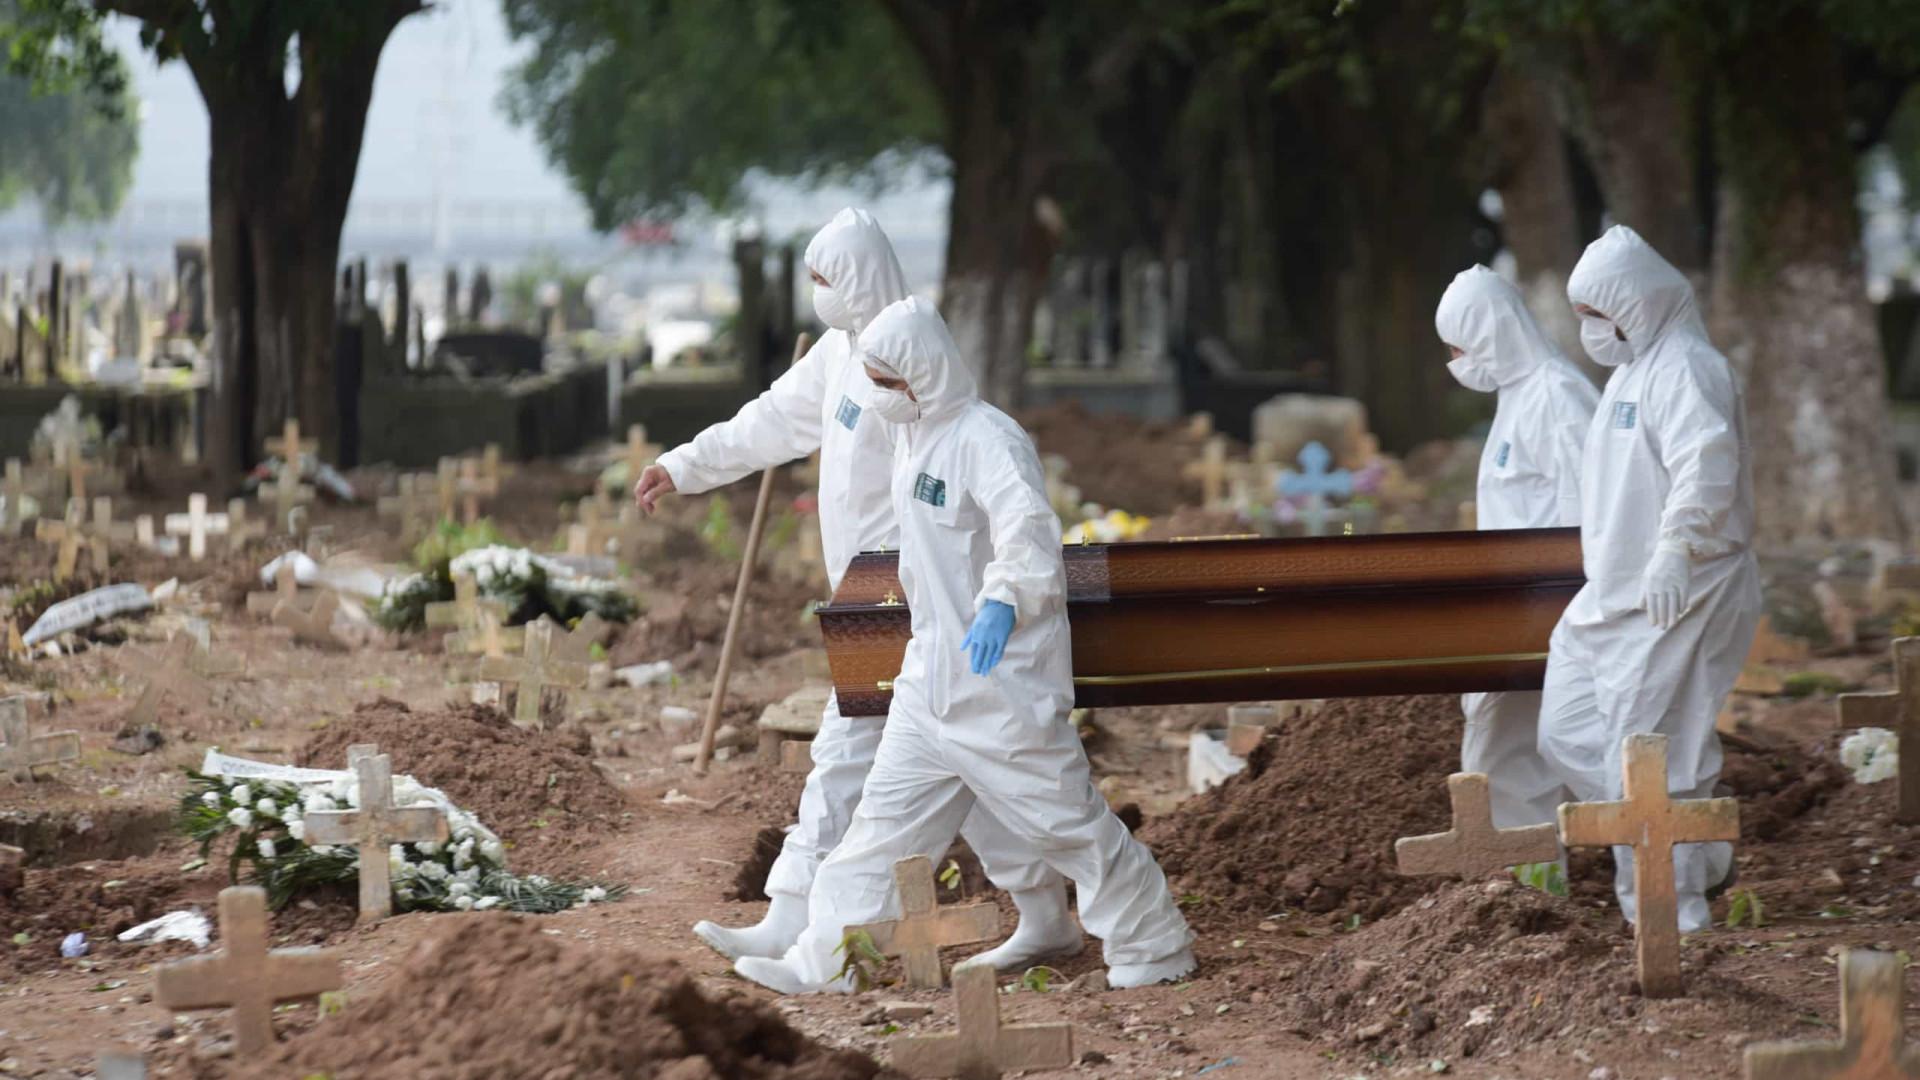 Brasil registra mais 983 mortes por Covid-19 em 24h